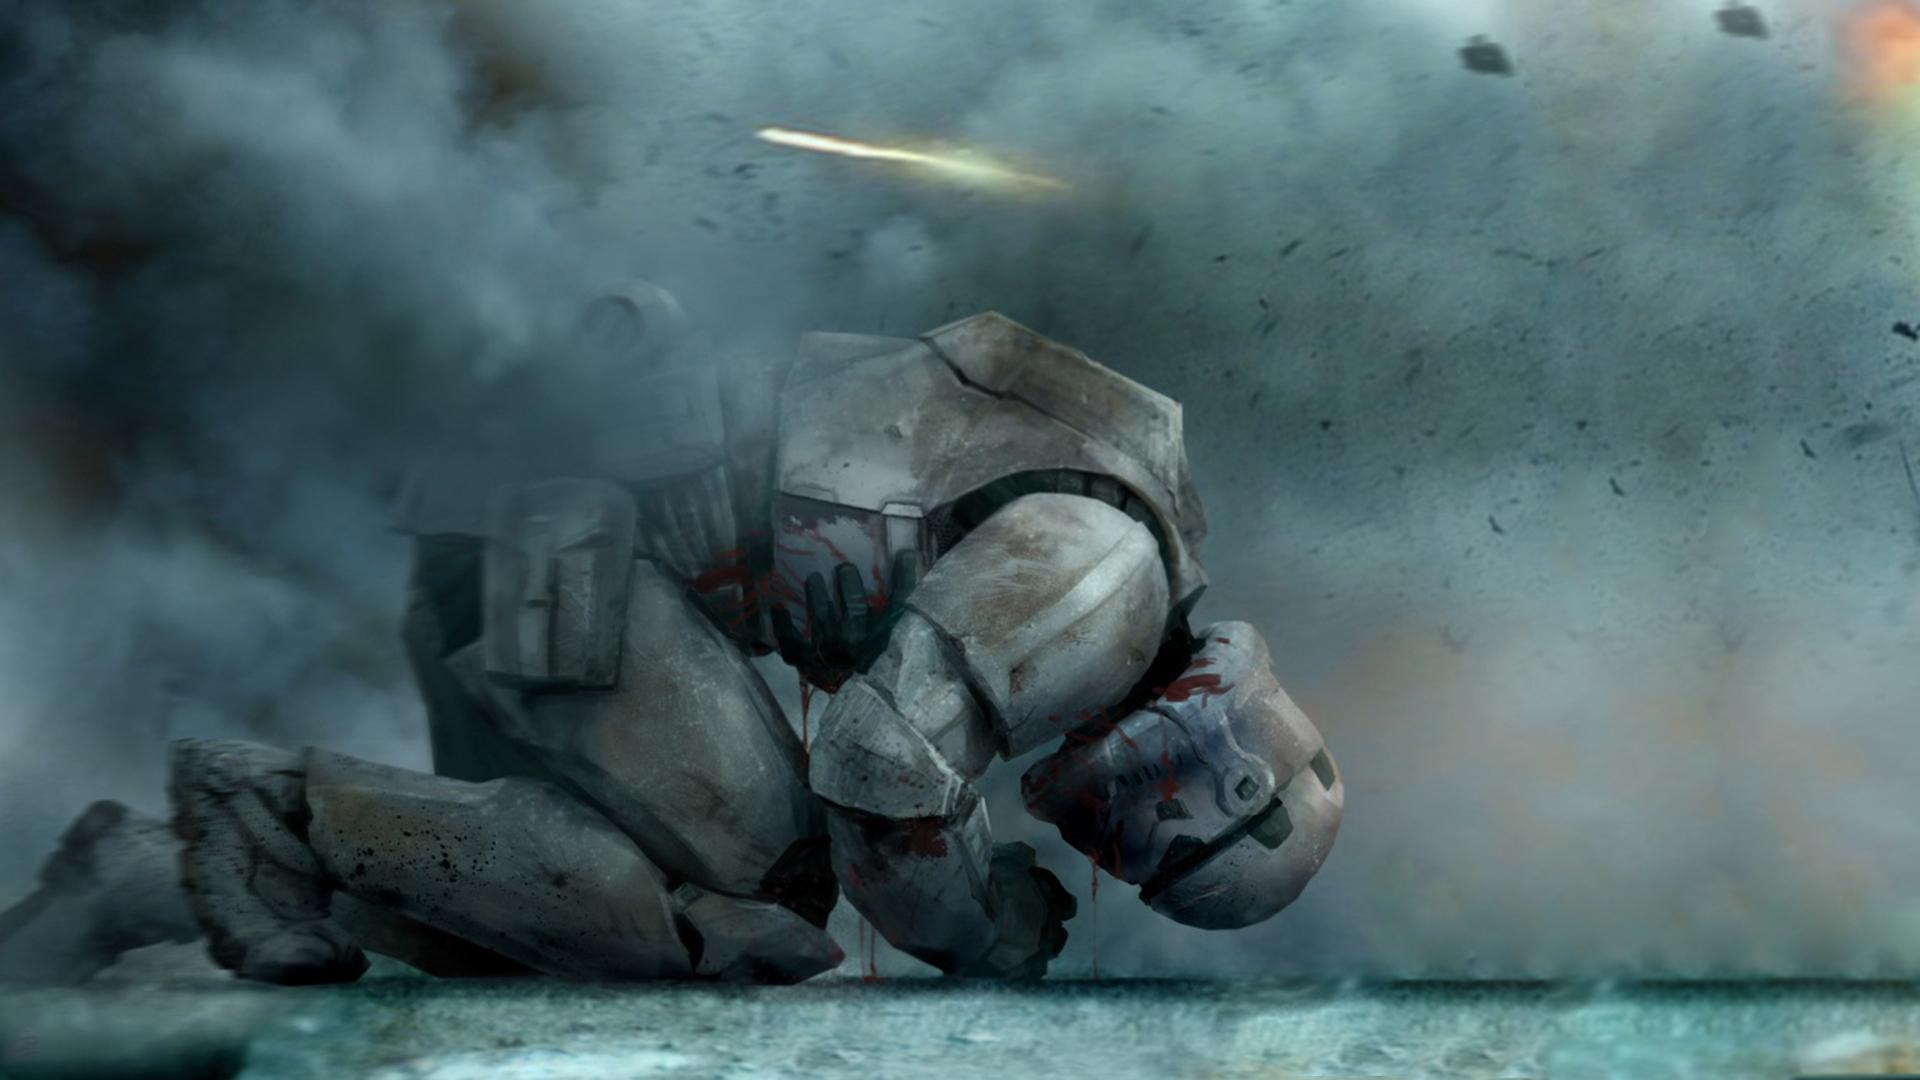 壁紙 19x1080 スター ウォーズ 映画 兵 クローン トルーパー Star Wars 7 Stormtrooper ヘルメット ファンタジー ダウンロード 写真